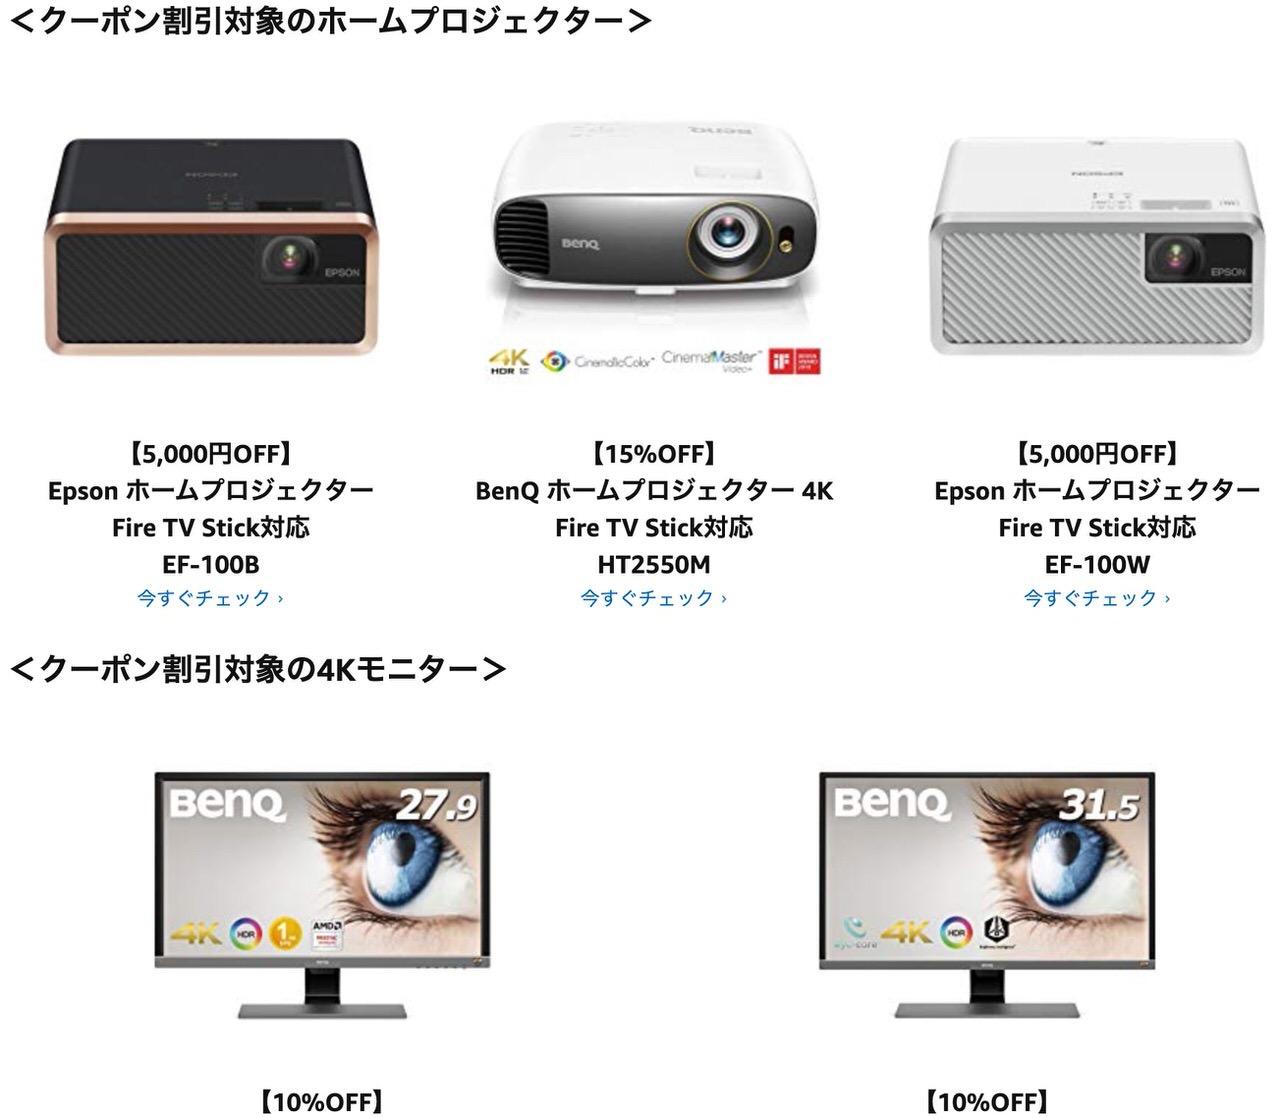 BenQ・Epsonのプロジェクター、4Kモニターセールで使えるFire TV Stickを所有している人向け15%オフクーポン配布中!